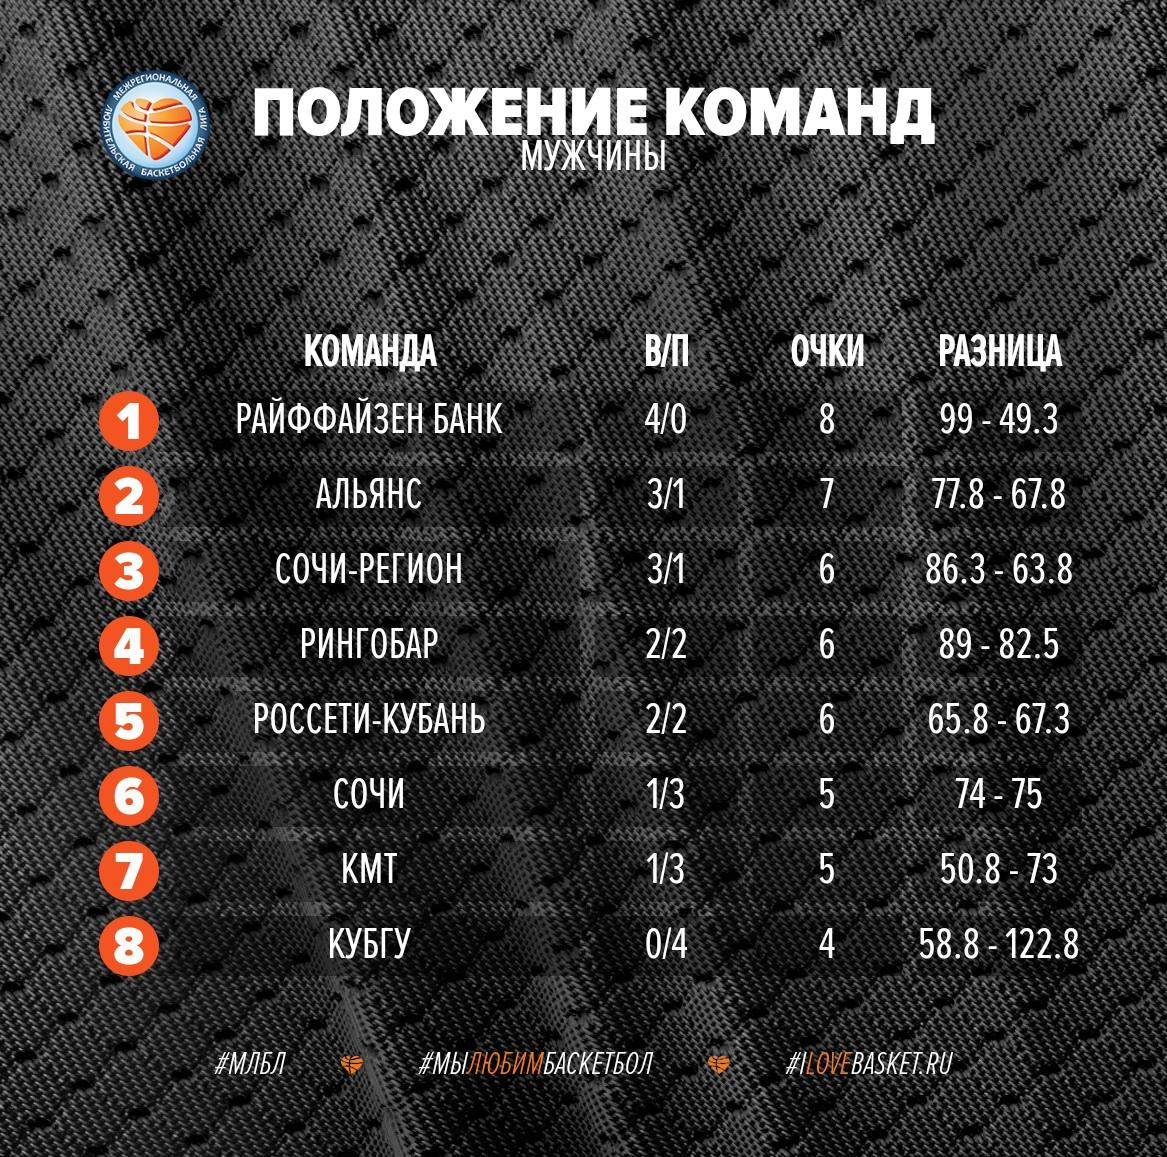 Лига КАУБ 5х5 положение команд